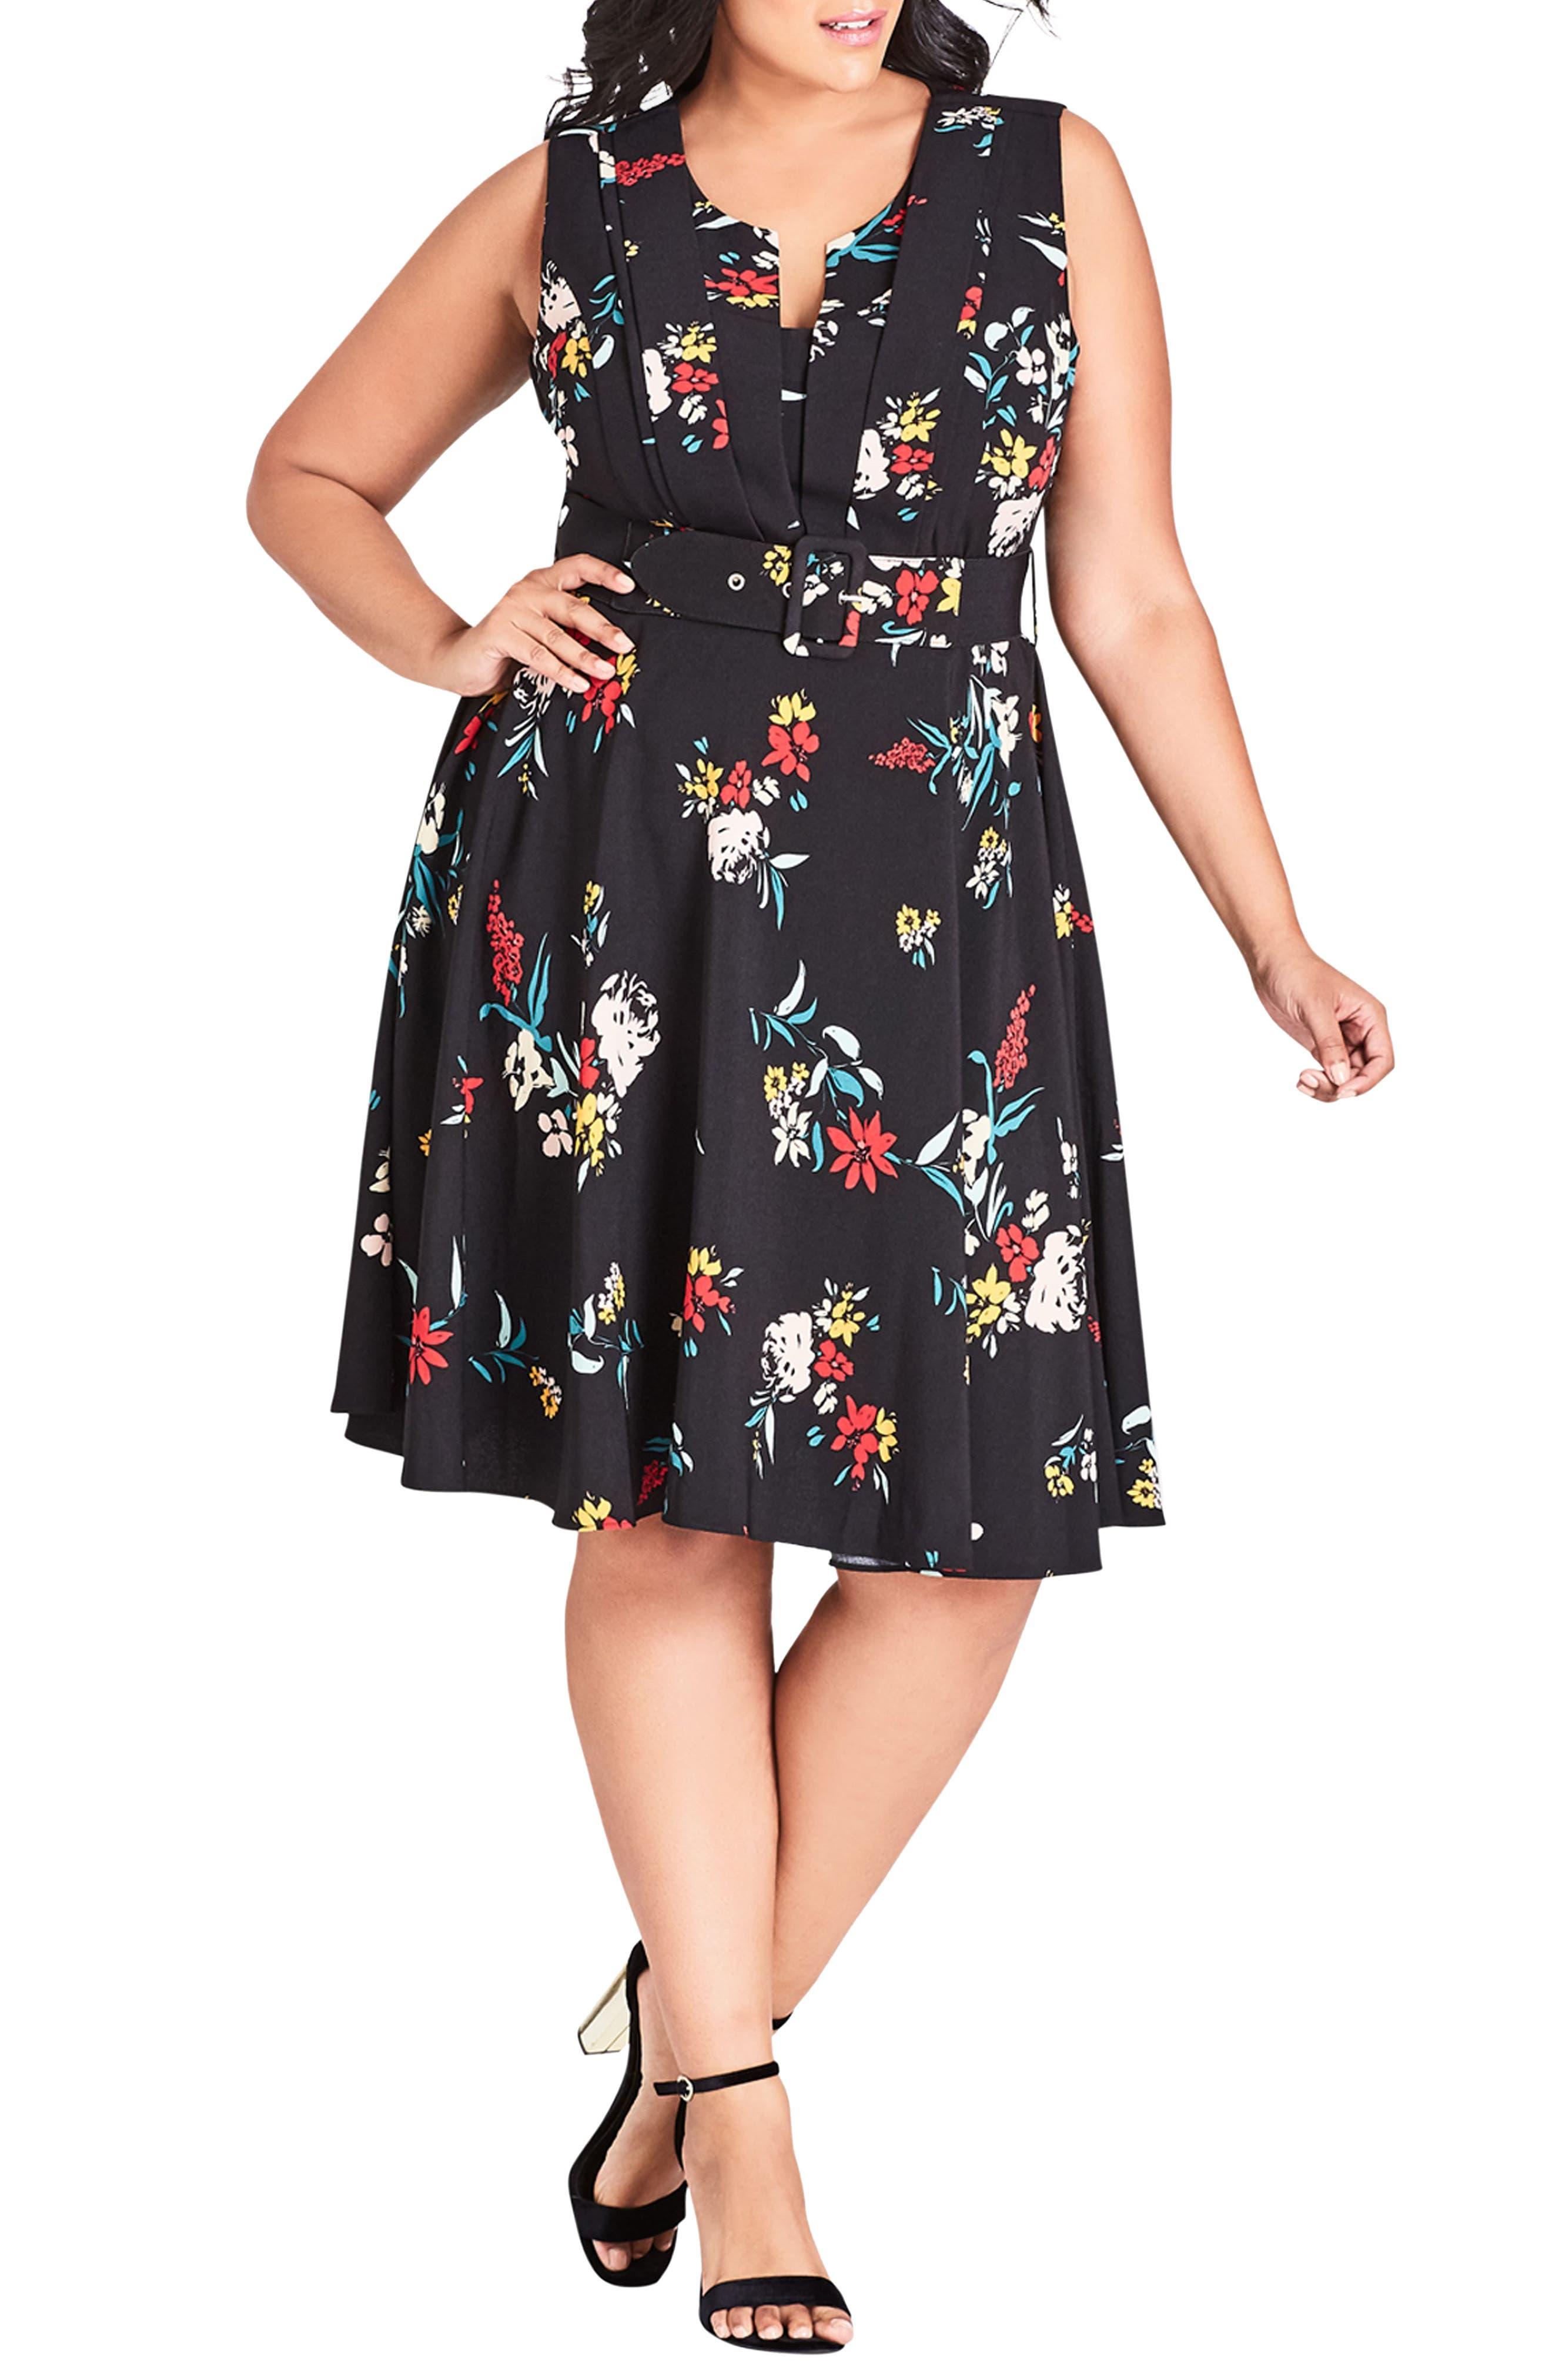 Plus Size City Chic Flowerette Fit & Flare Dress, Black